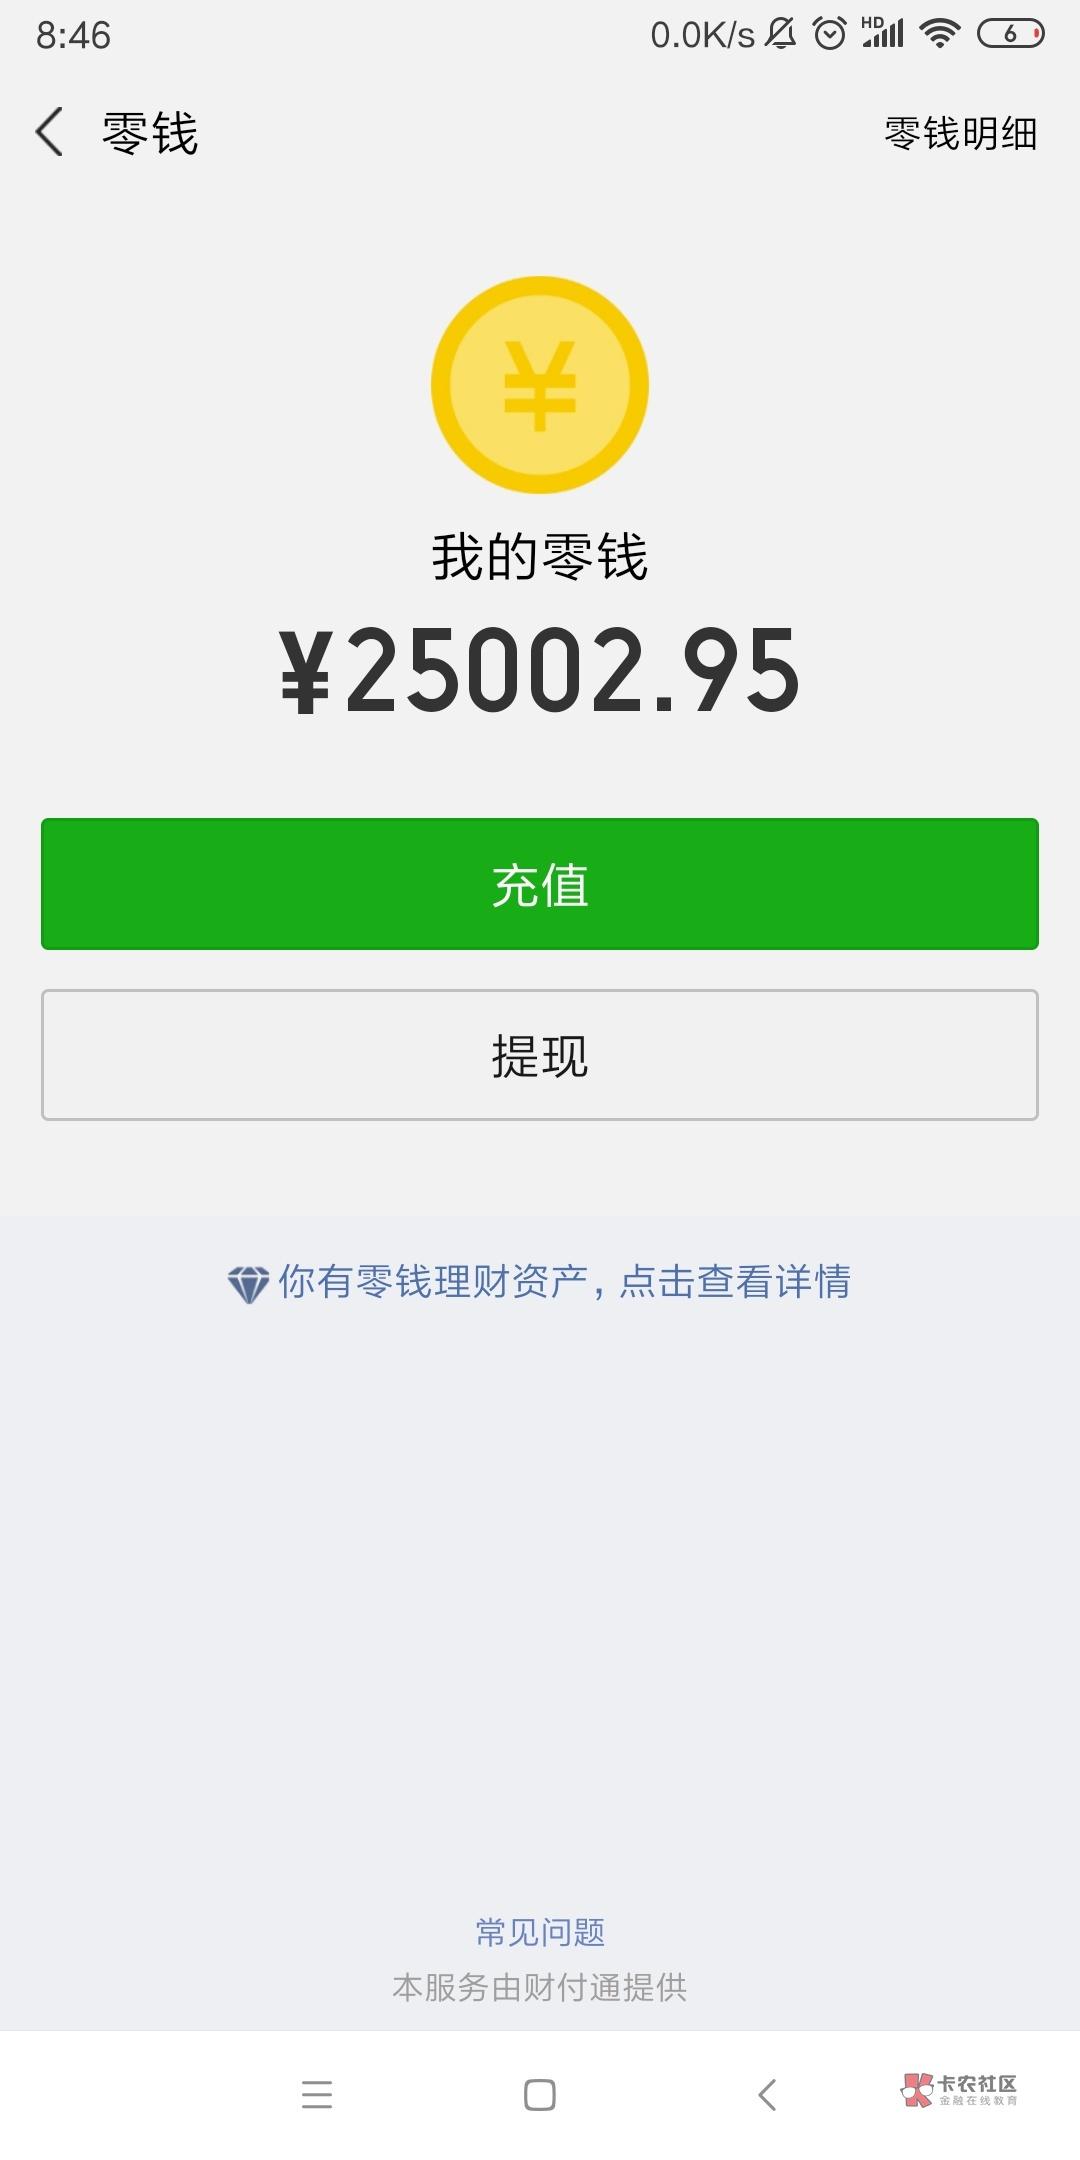 龙商贷下了25000,卧槽,无情   12 / 作者:王子乐爱你 /